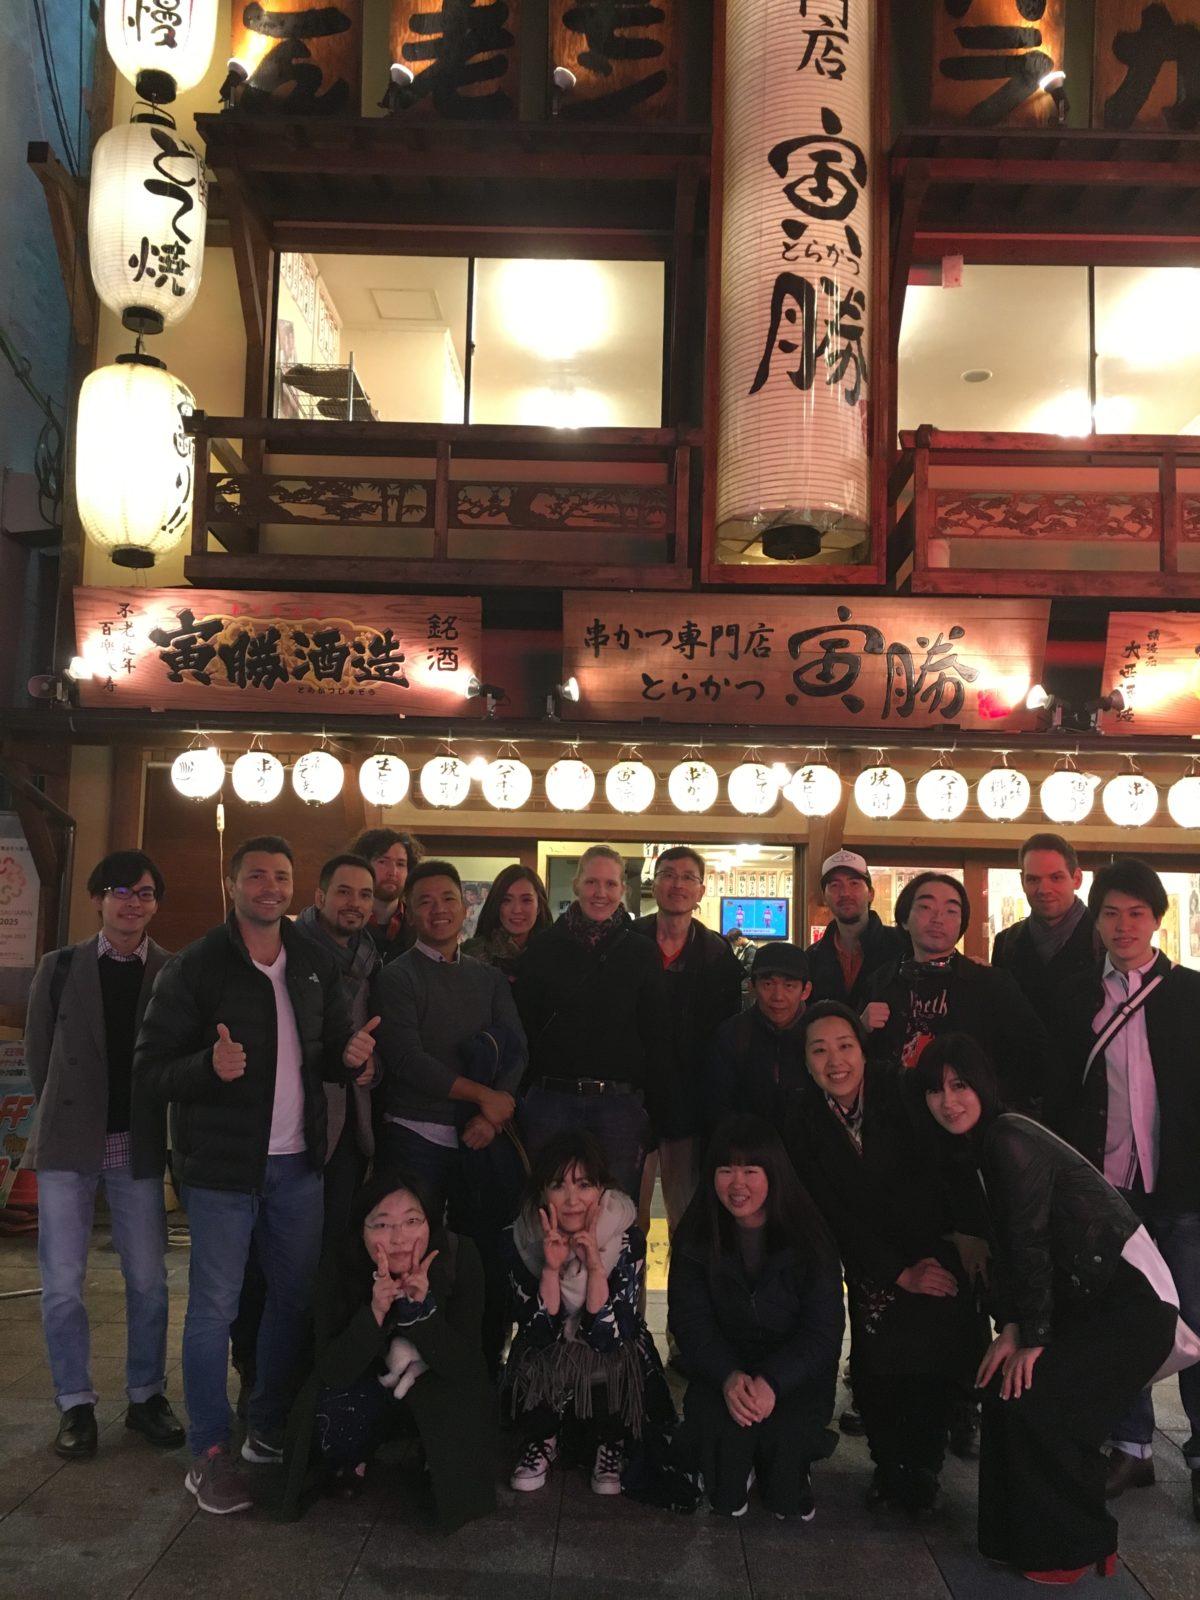 03/25/2018 Night Zoo, Ghetto & Red Light District walk, Kushikatsu dinner